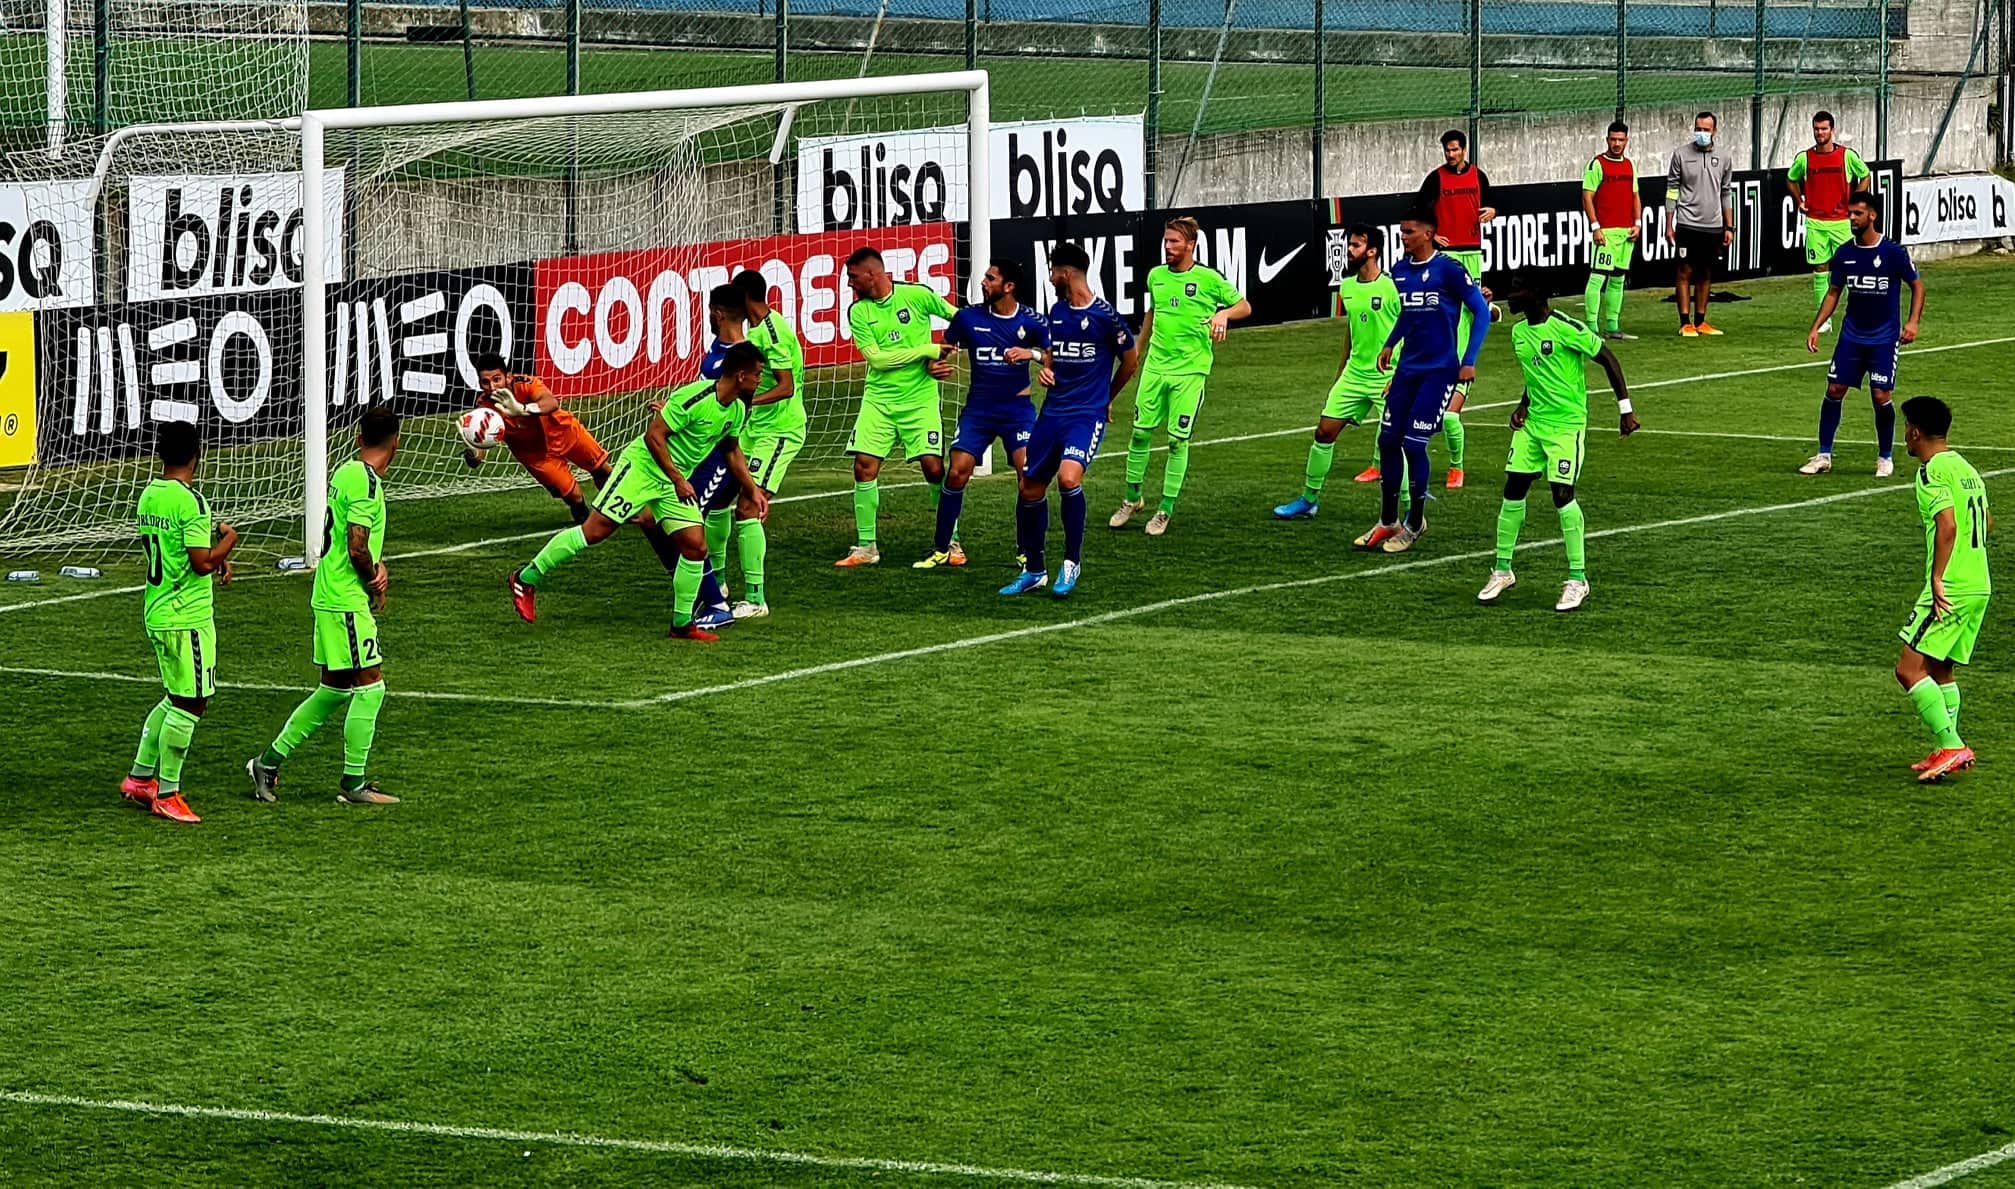 SC Vianense perde com Vilaverdense em jogo antecipado do Campeonato de Portugal